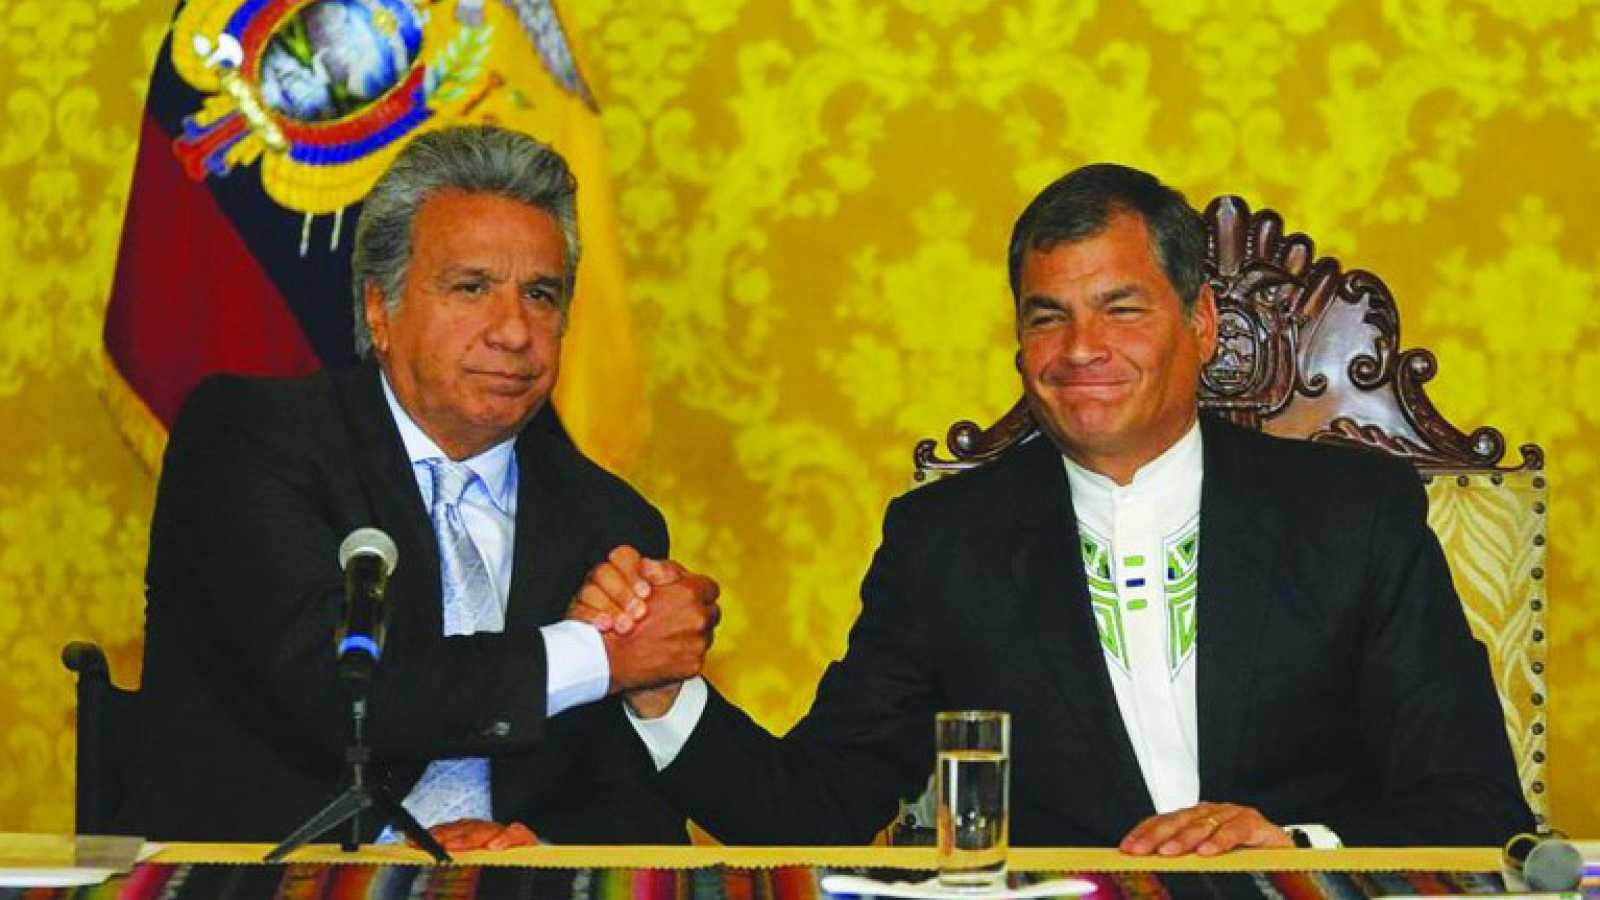 América hoy - Conflicto político en Ecuador - 18/10/17 - escuchar ahora